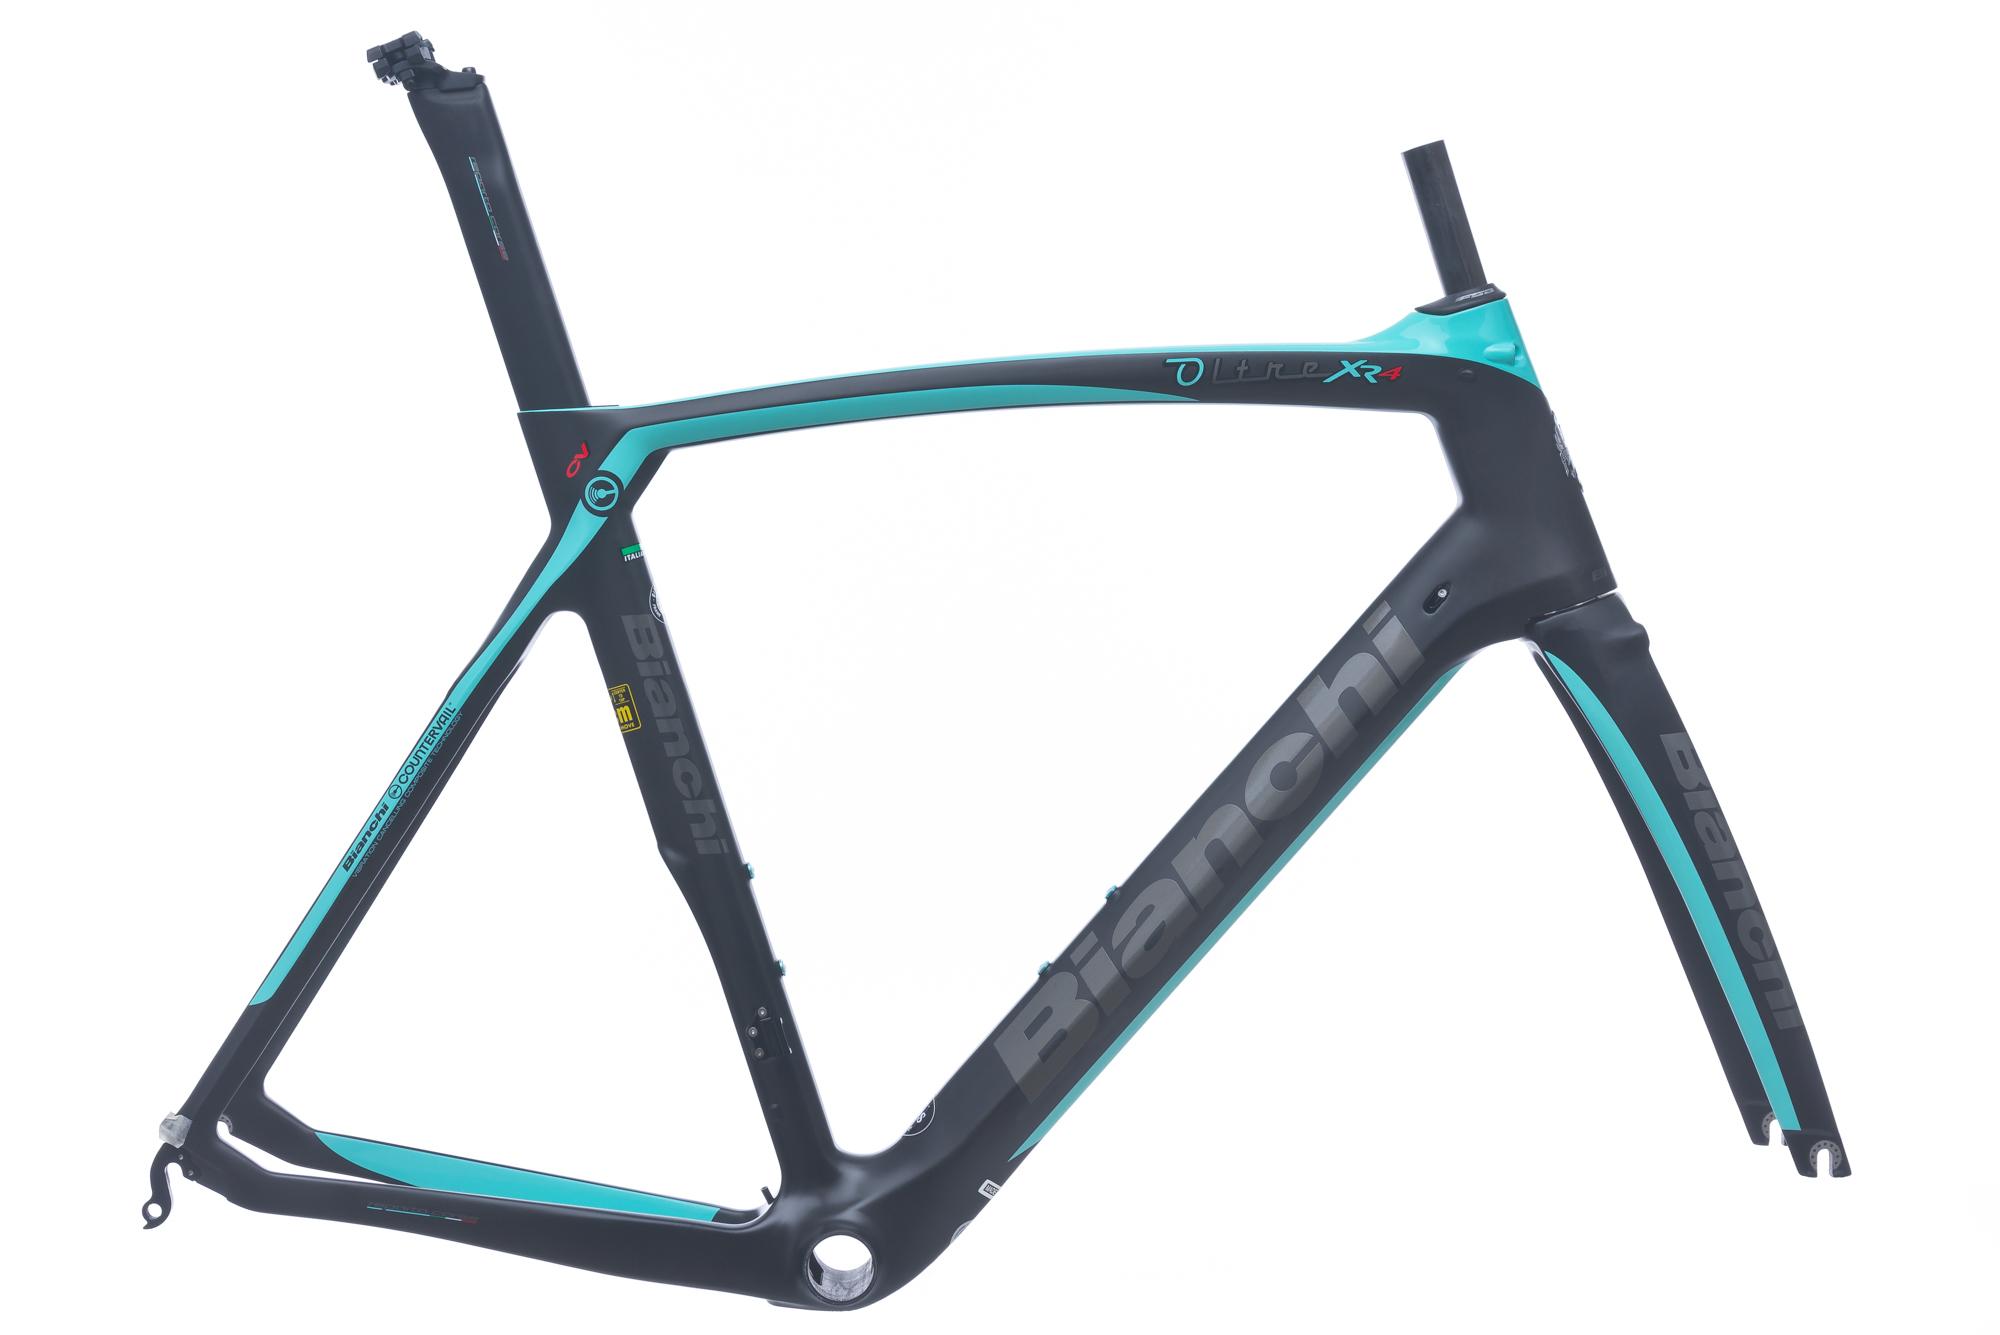 2017 Bianchi Oltre XR4 Road Bike Frame Set 61cm XXL Carbon 700c | eBay